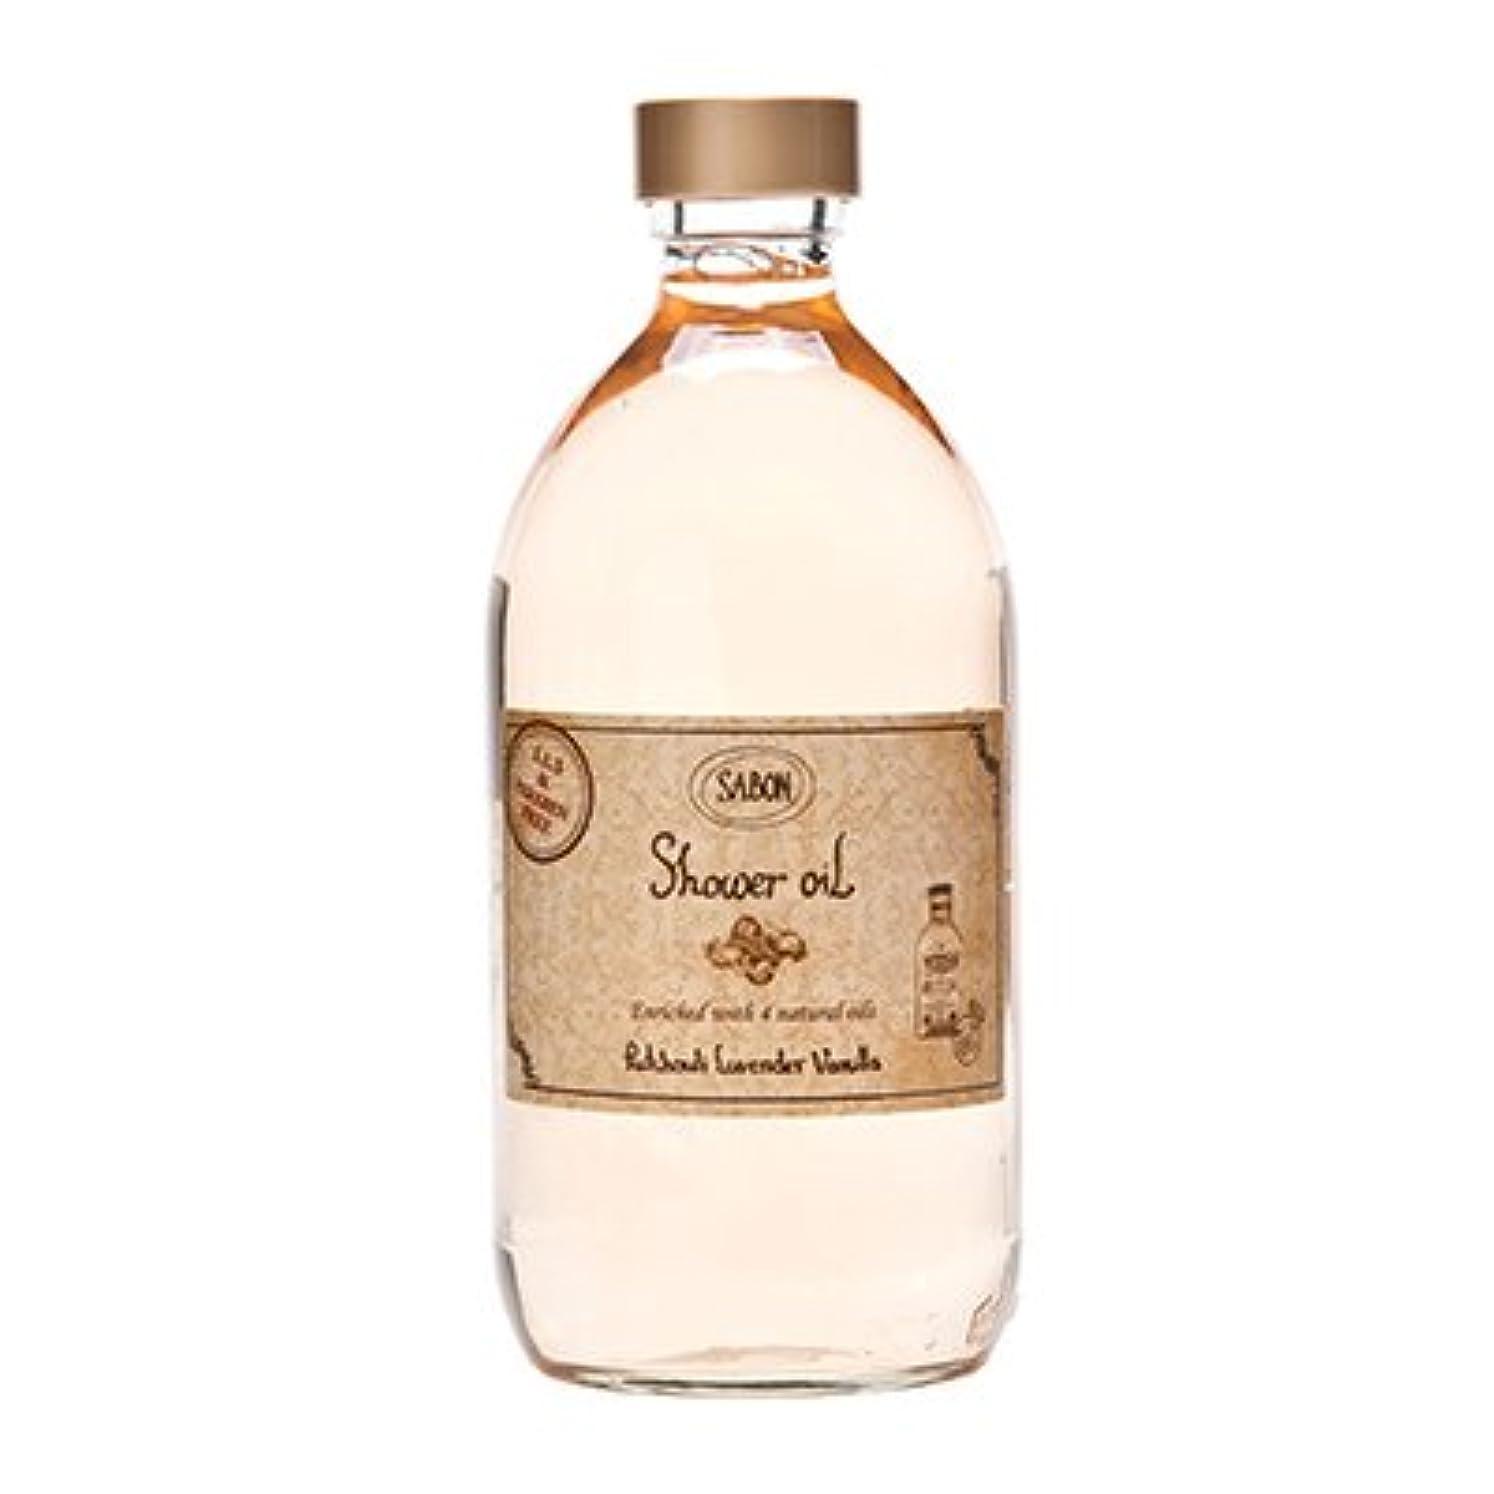 パイント贅沢平らにするサボン(SABON) シャワー オイル パチュリ ラベンダー バニラ 500ml[並行輸入品]